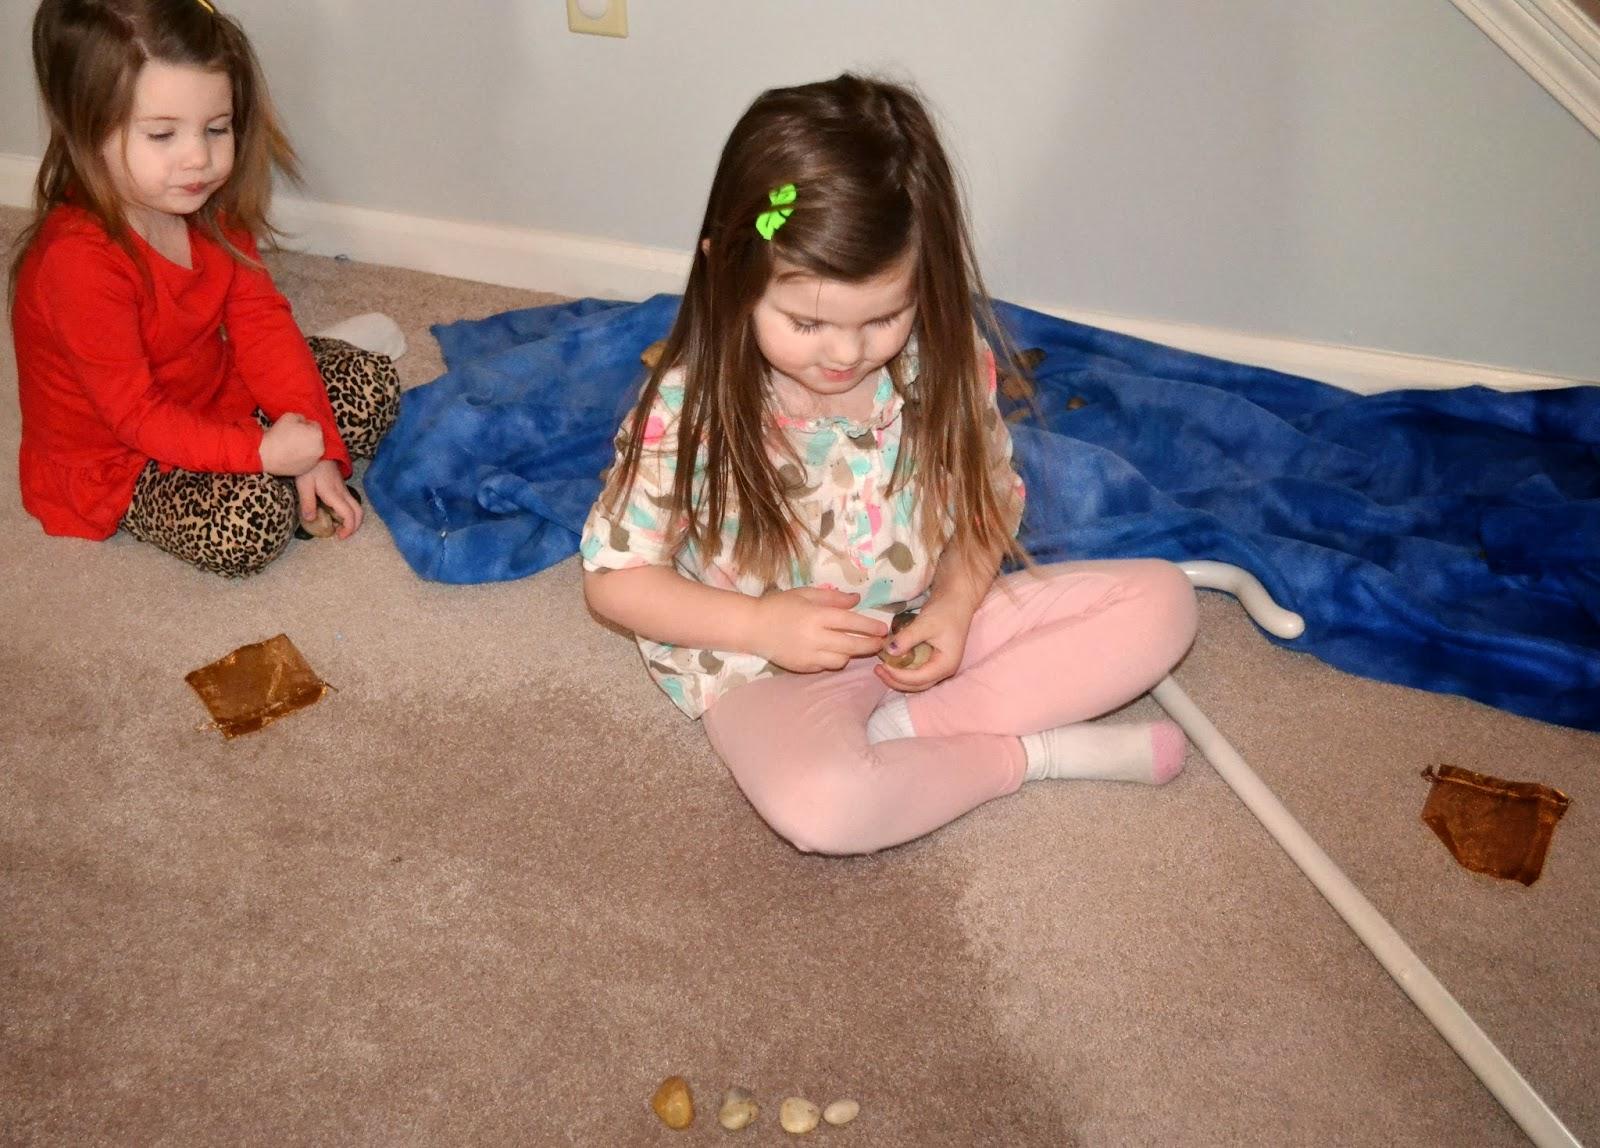 http://kidsbibledebjackson.blogspot.com/